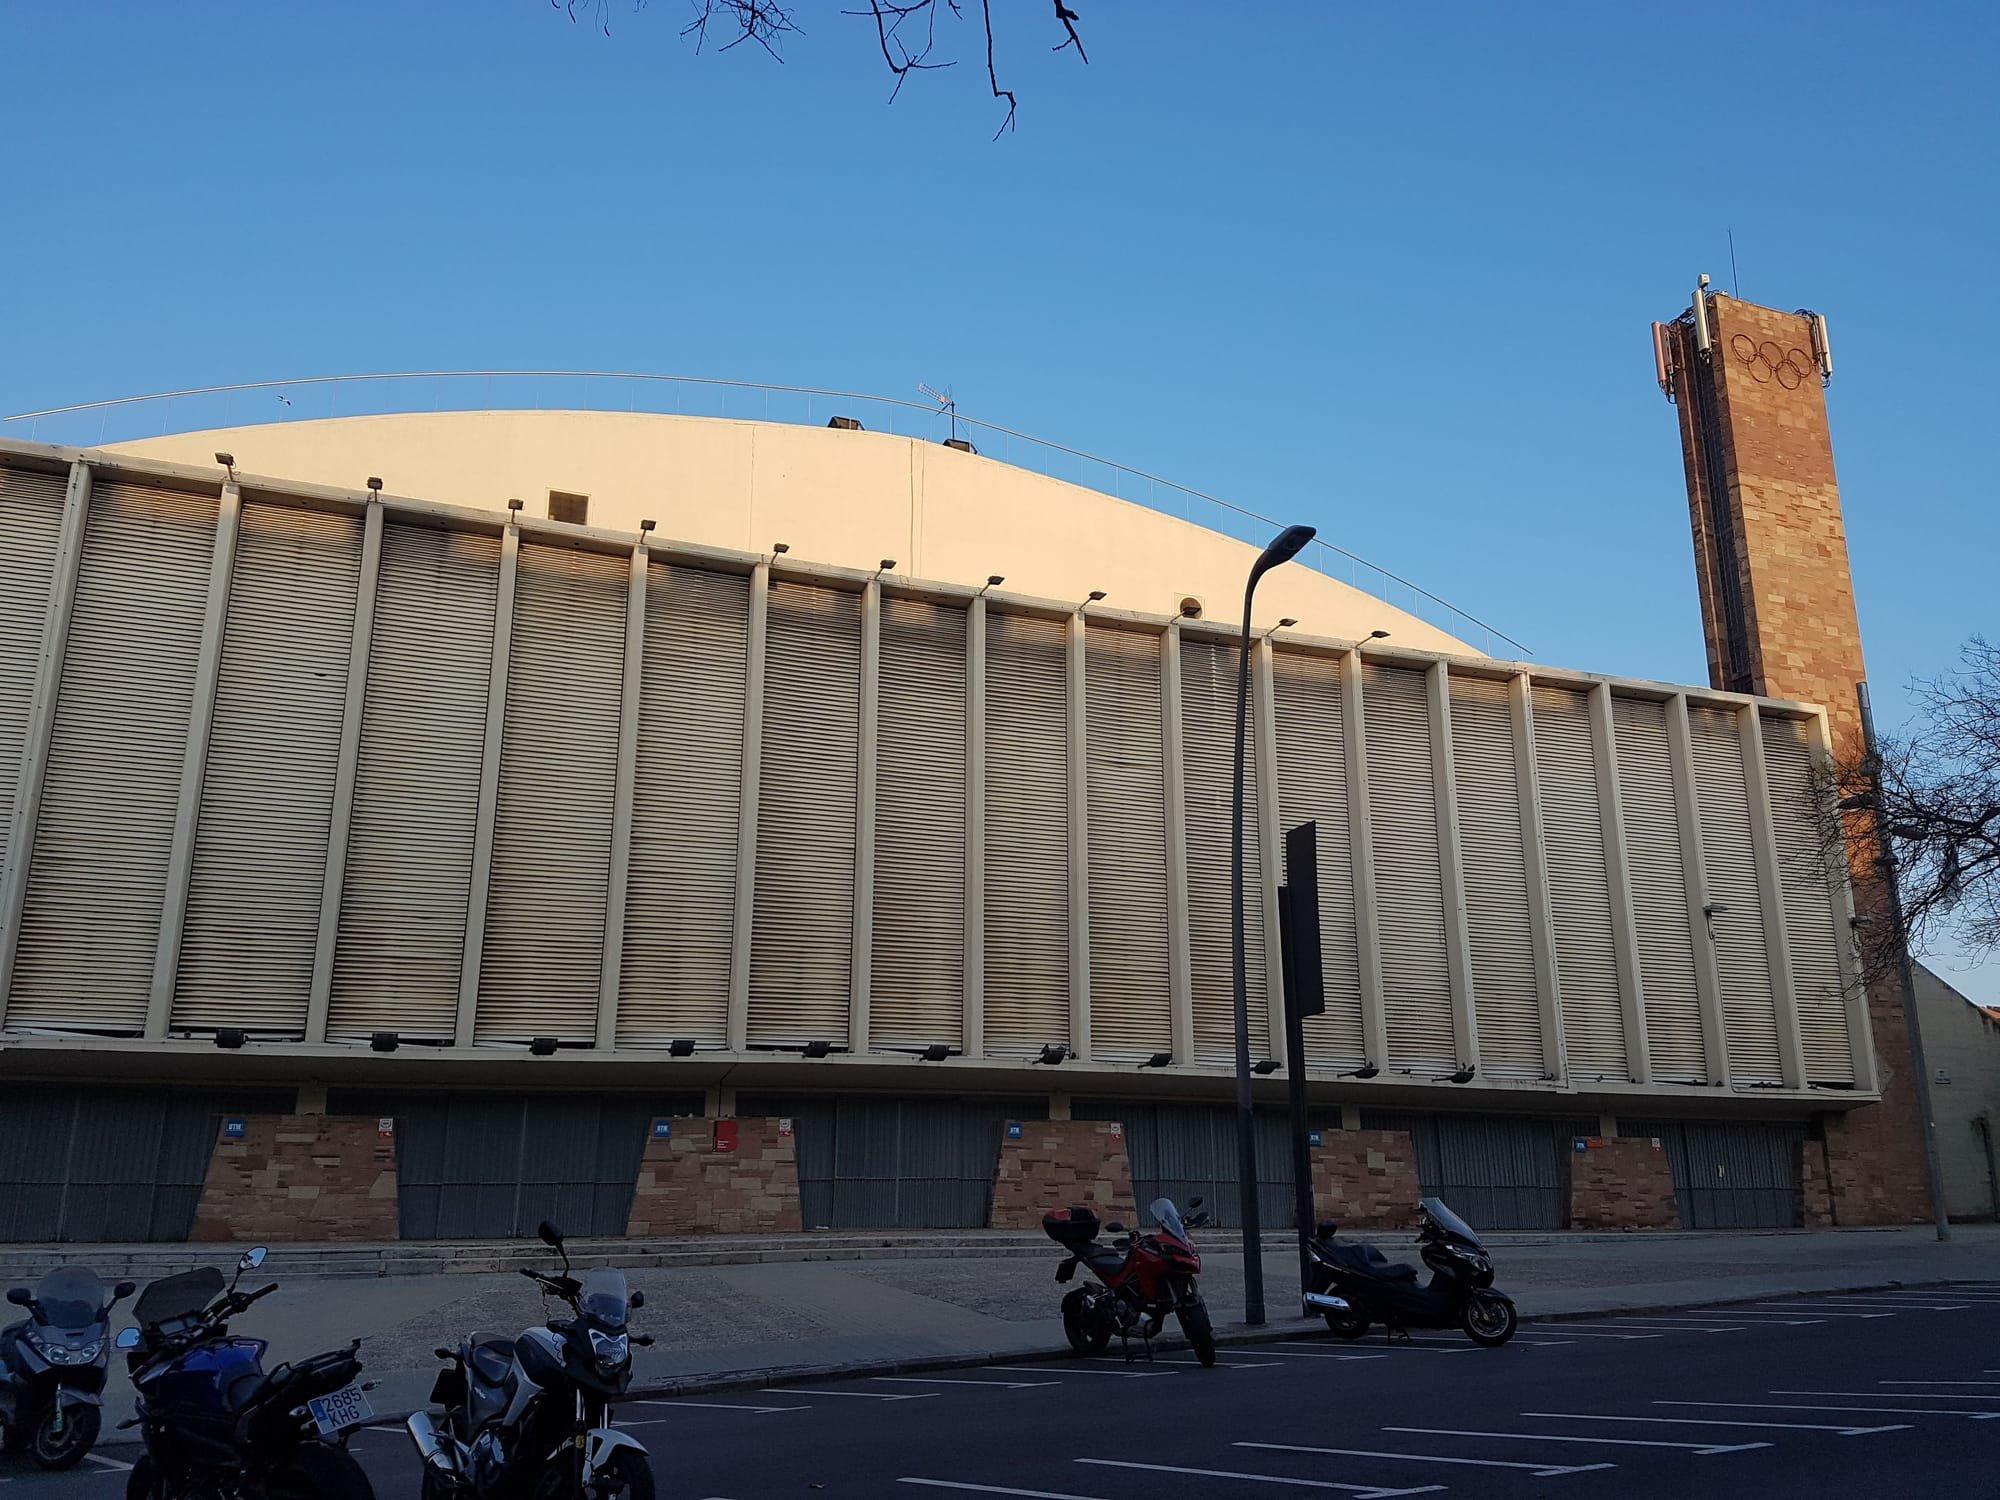 Palau dels esports